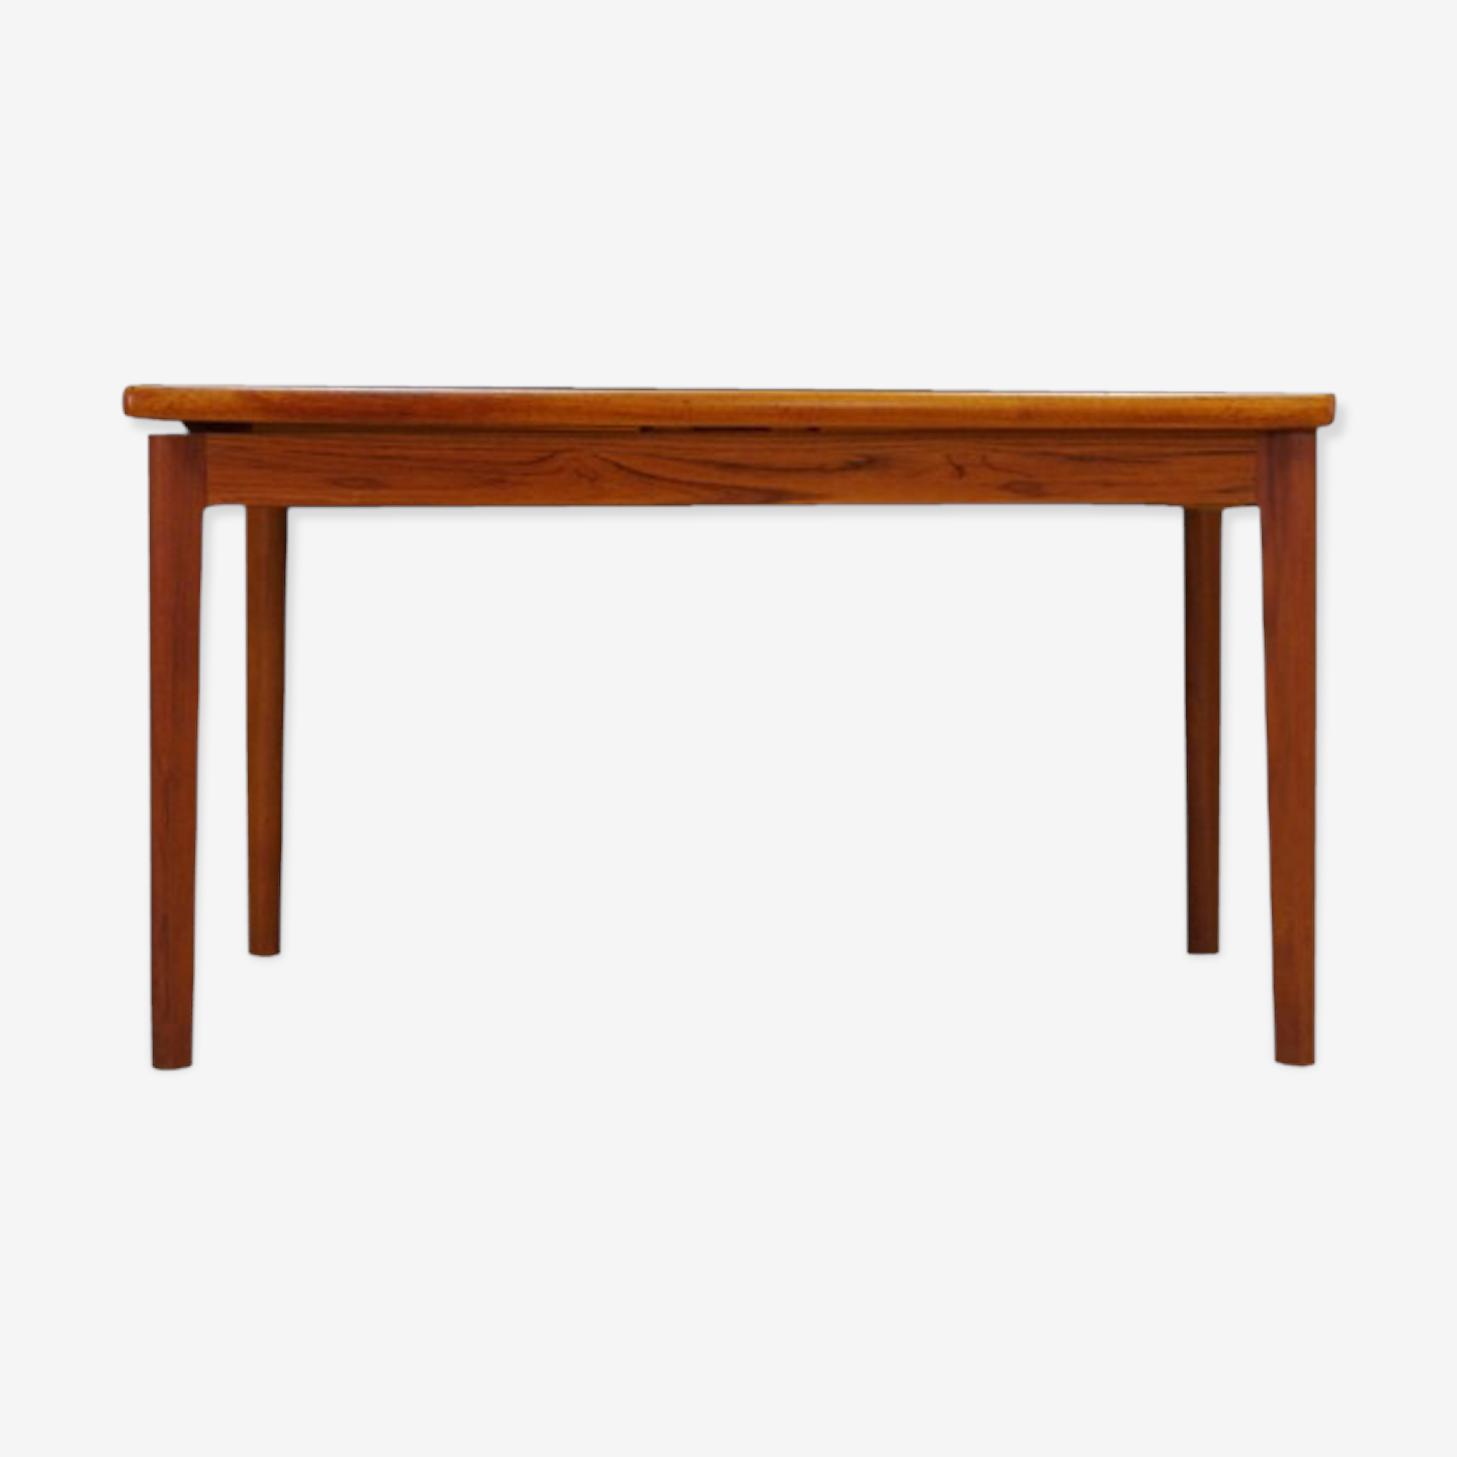 Extending teak table